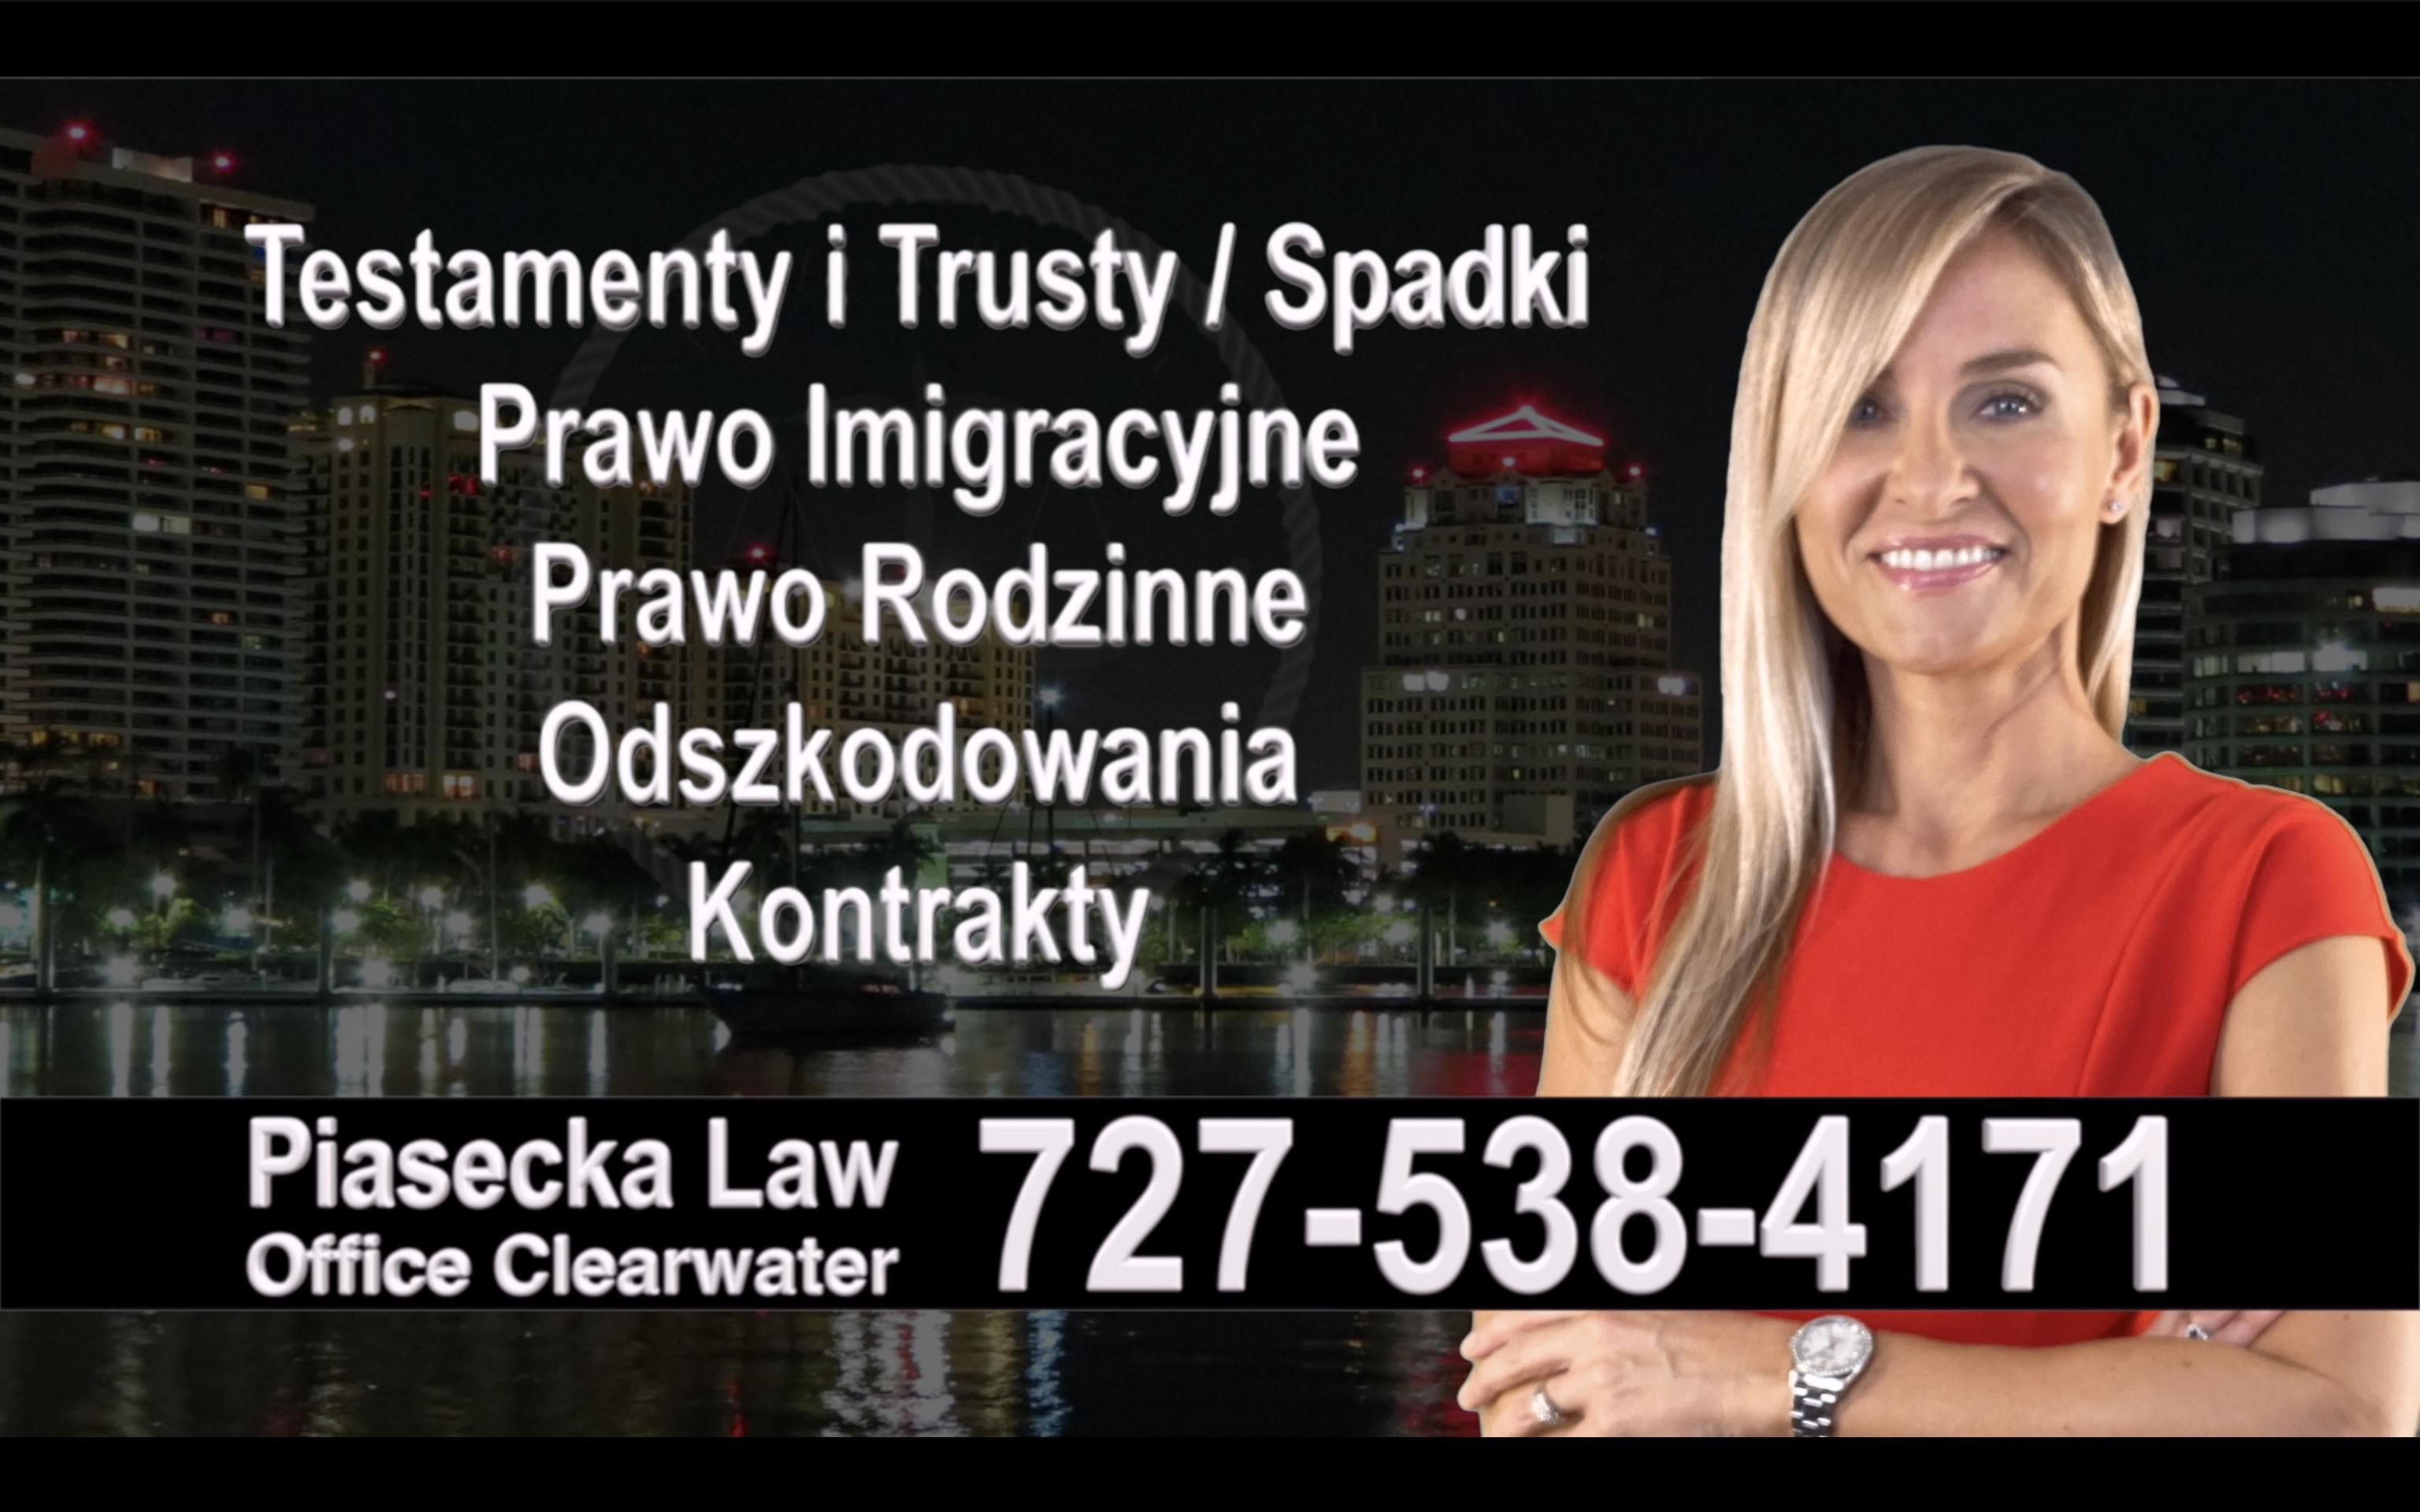 Estero Polski, Prawnik, Adwokat, Testamenty, Trusty, Testament, Trust, Prawo, Spadkowe, Imigracyjne, Rodzinne, Rozwód, Wypadki, Agnieszka Piasecka